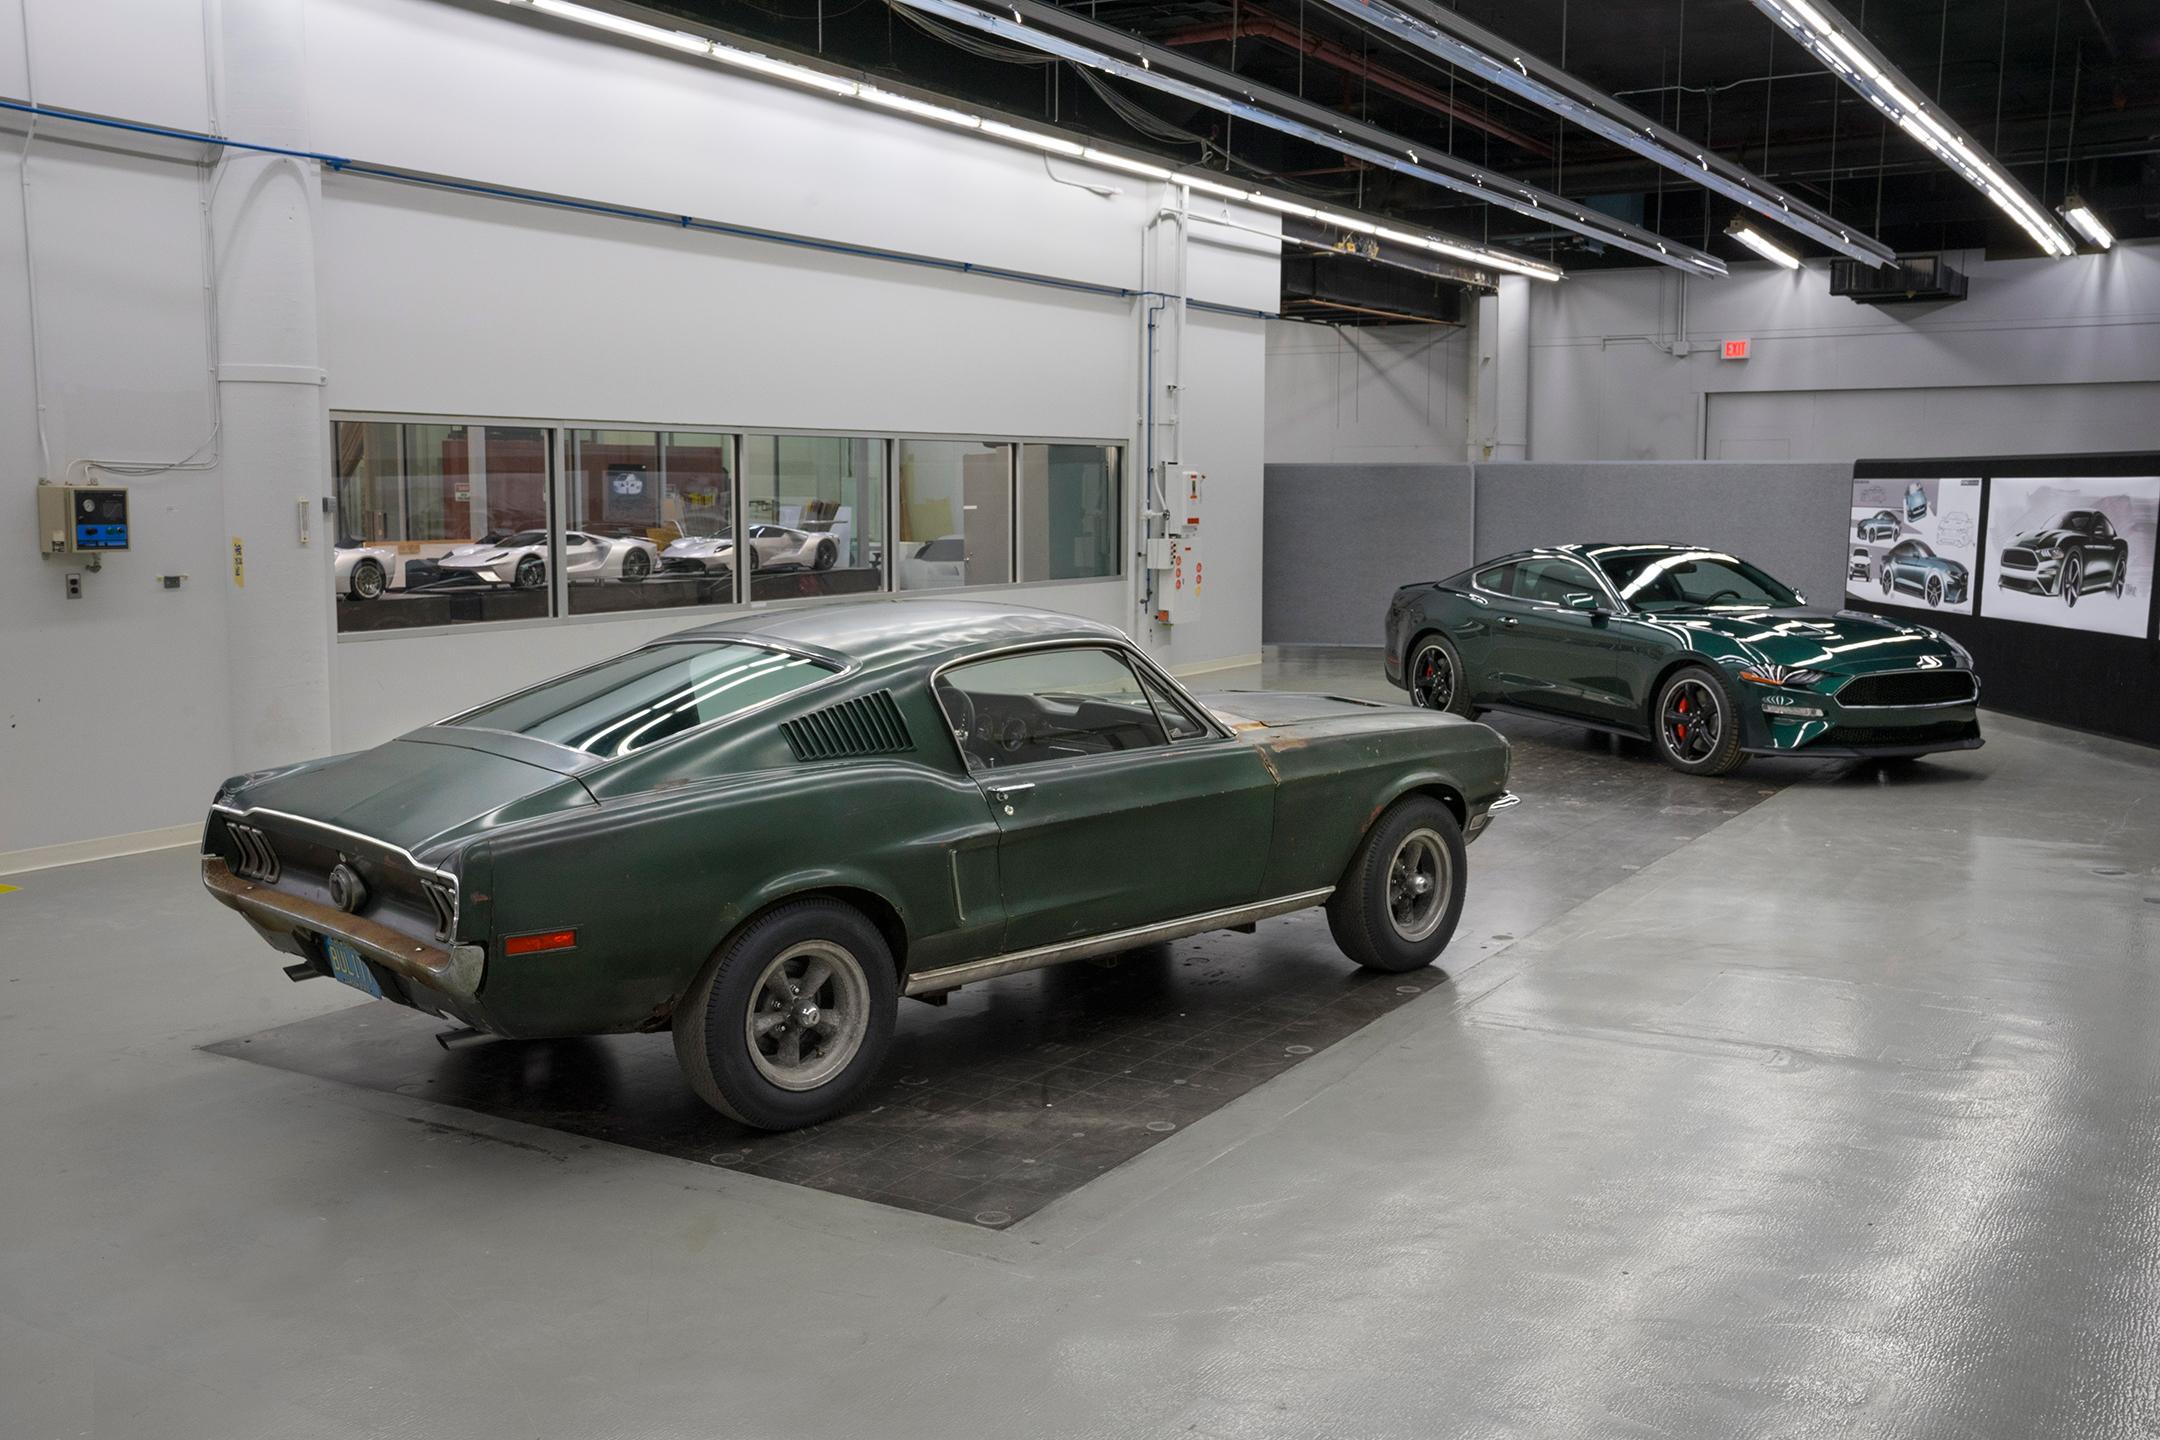 Ford Mustang GT Fastback Bullitt - 1968 - Ford Mustang Bullitt - 2018  heritage